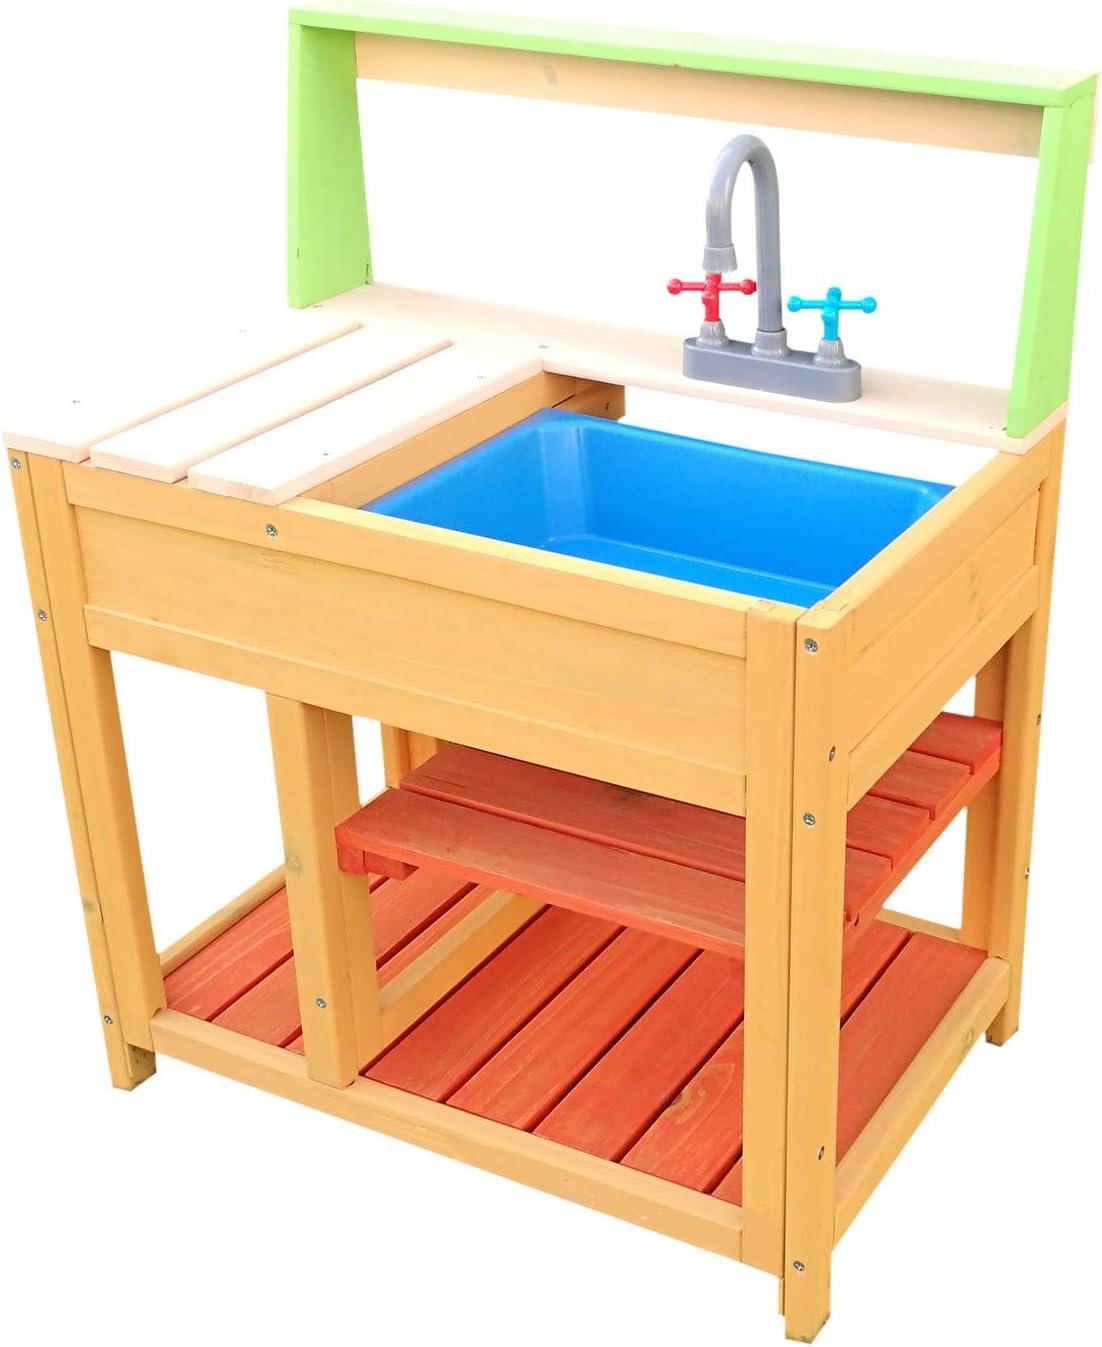 Wiltec Outdoor Kinderküche aus Holz